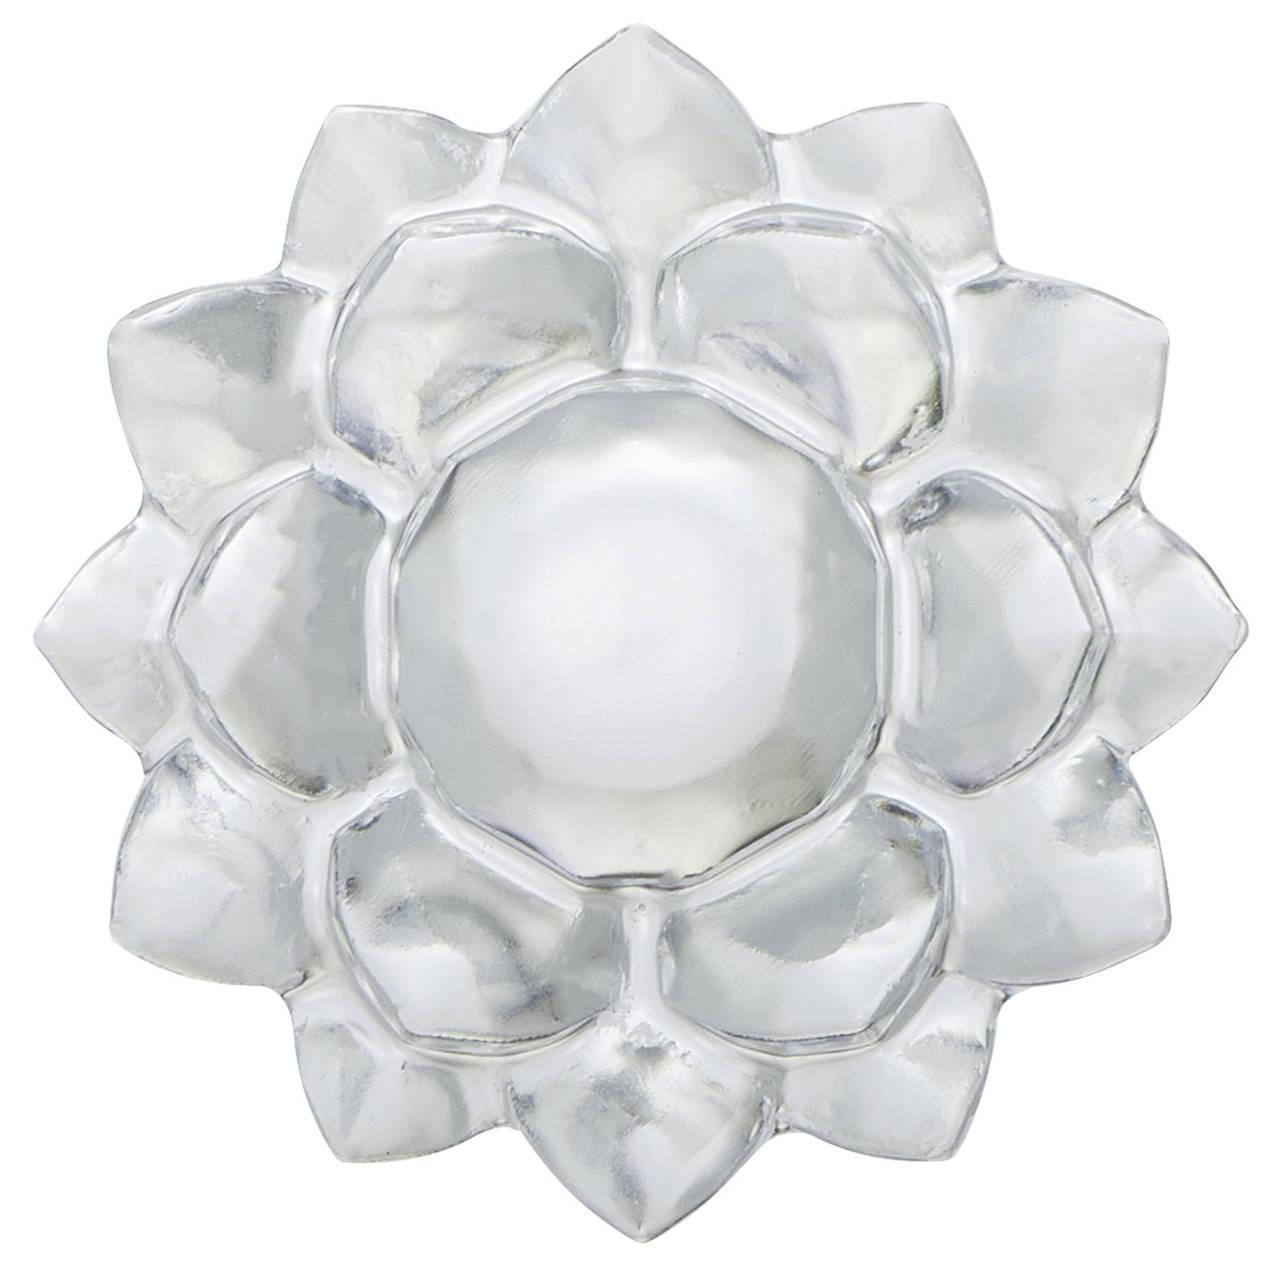 『セーラームーン』アイテム型のアイストレー:幻の銀水晶(小)